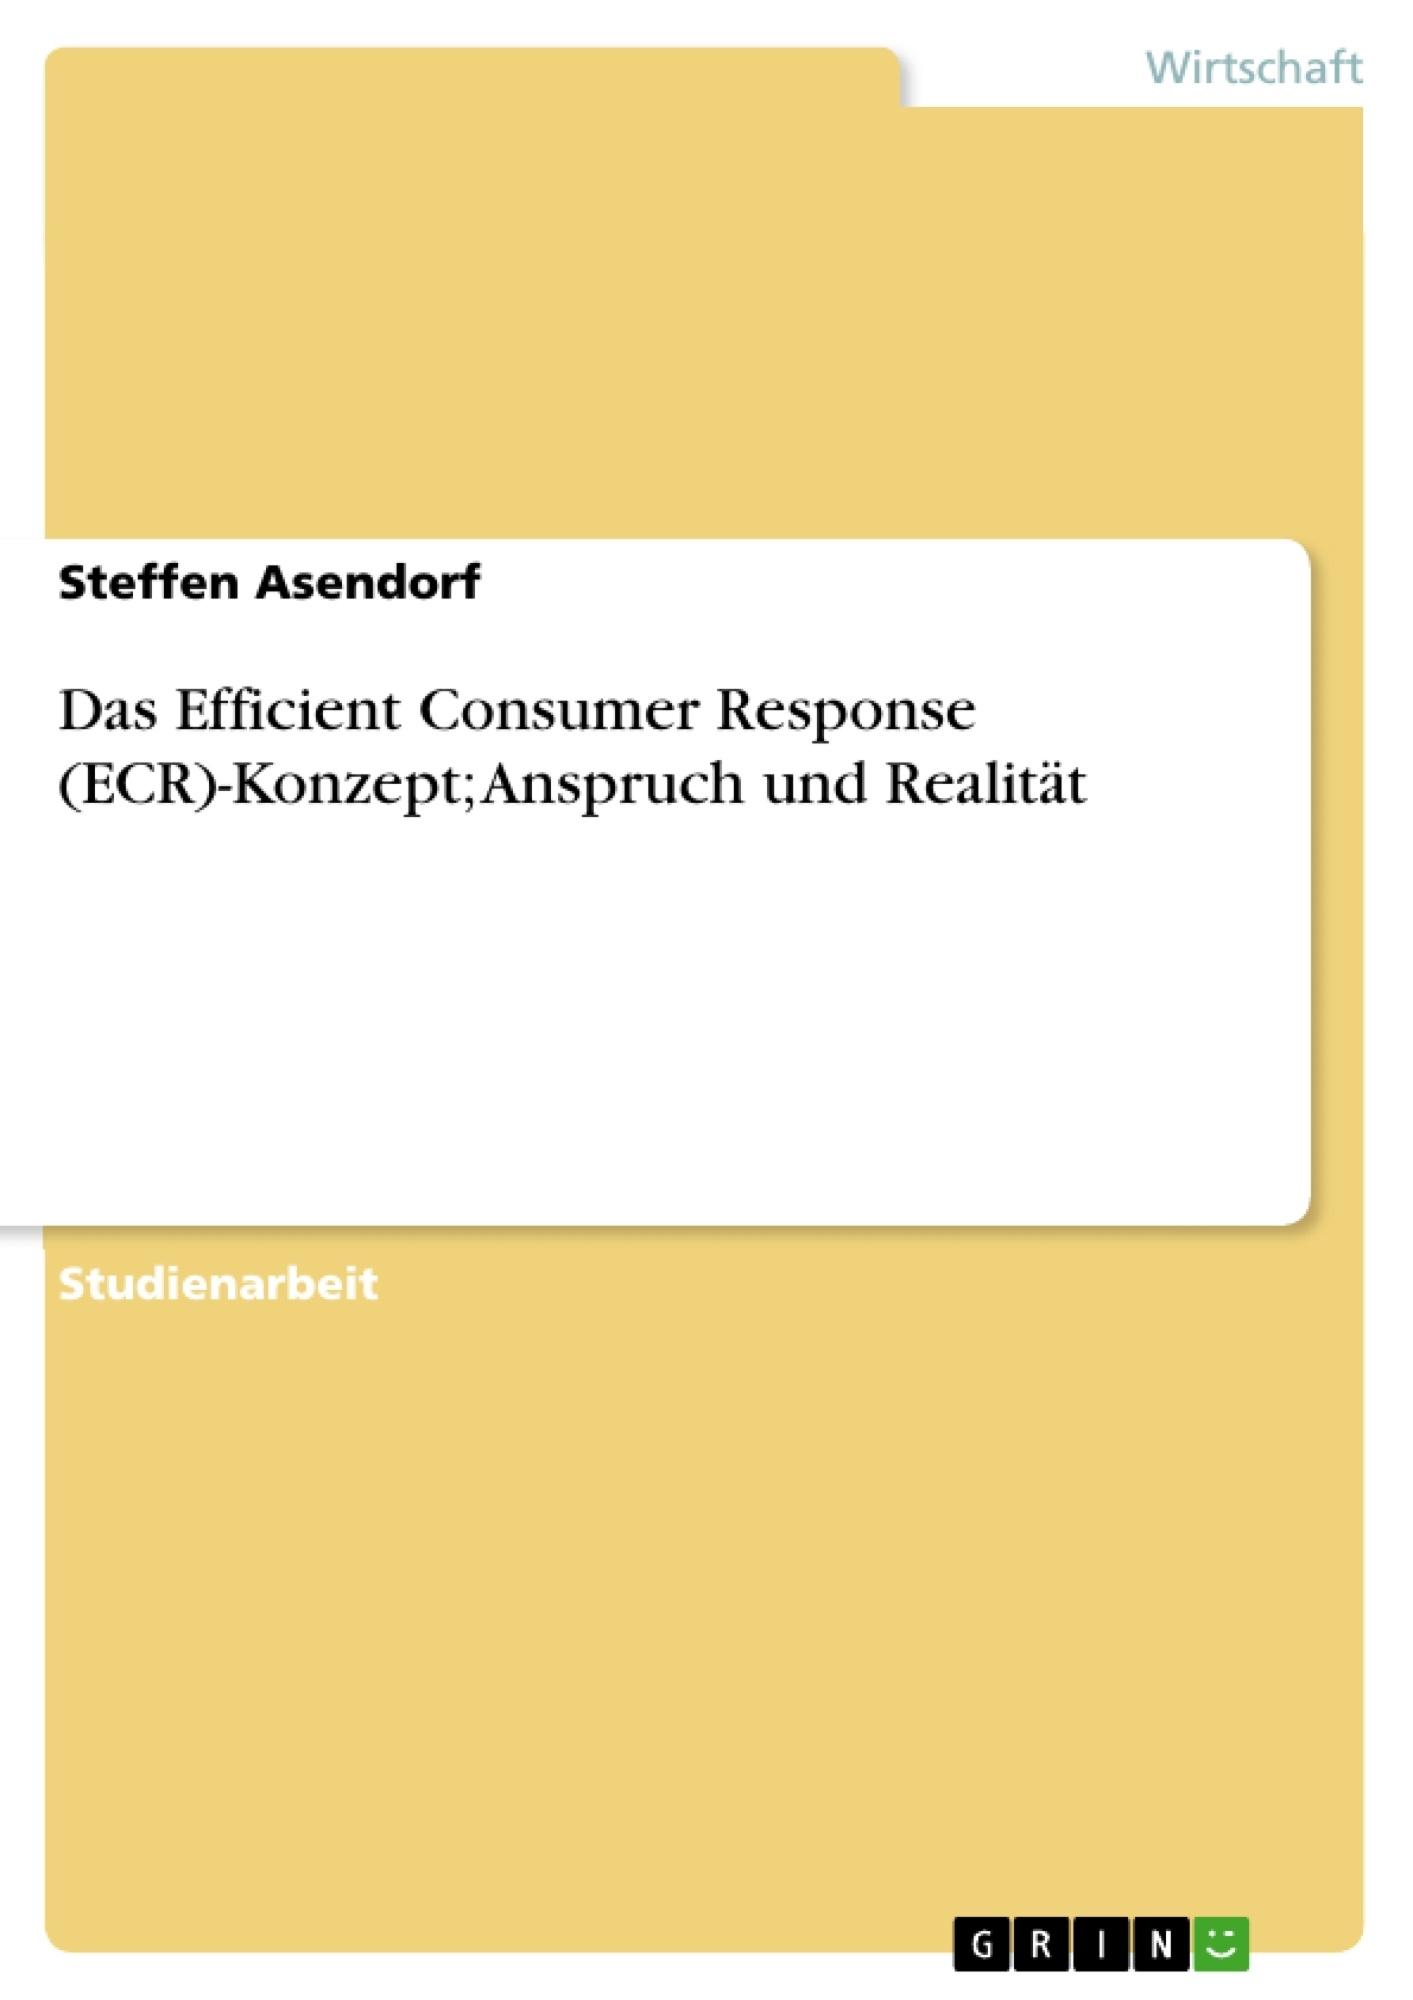 Titel: Das Efficient Consumer Response (ECR)-Konzept; Anspruch und Realität